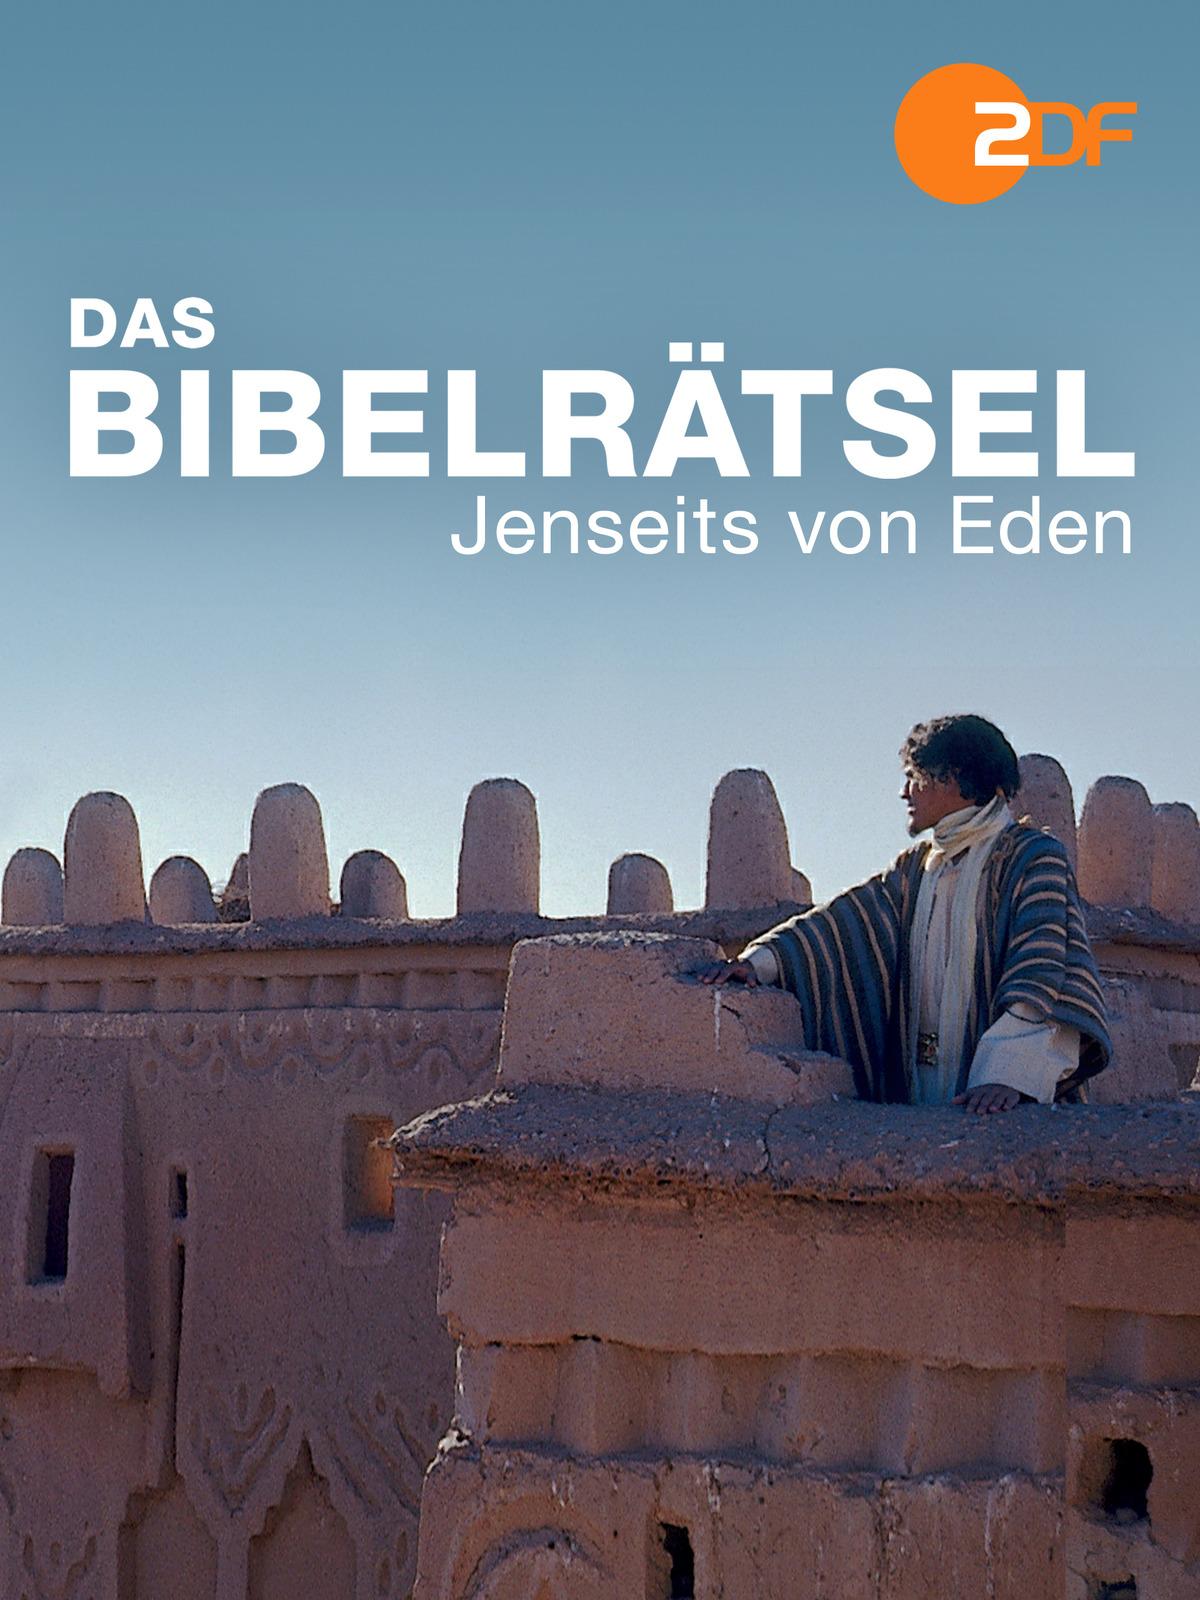 Das Bibelrätsel - Jenseits von Eden